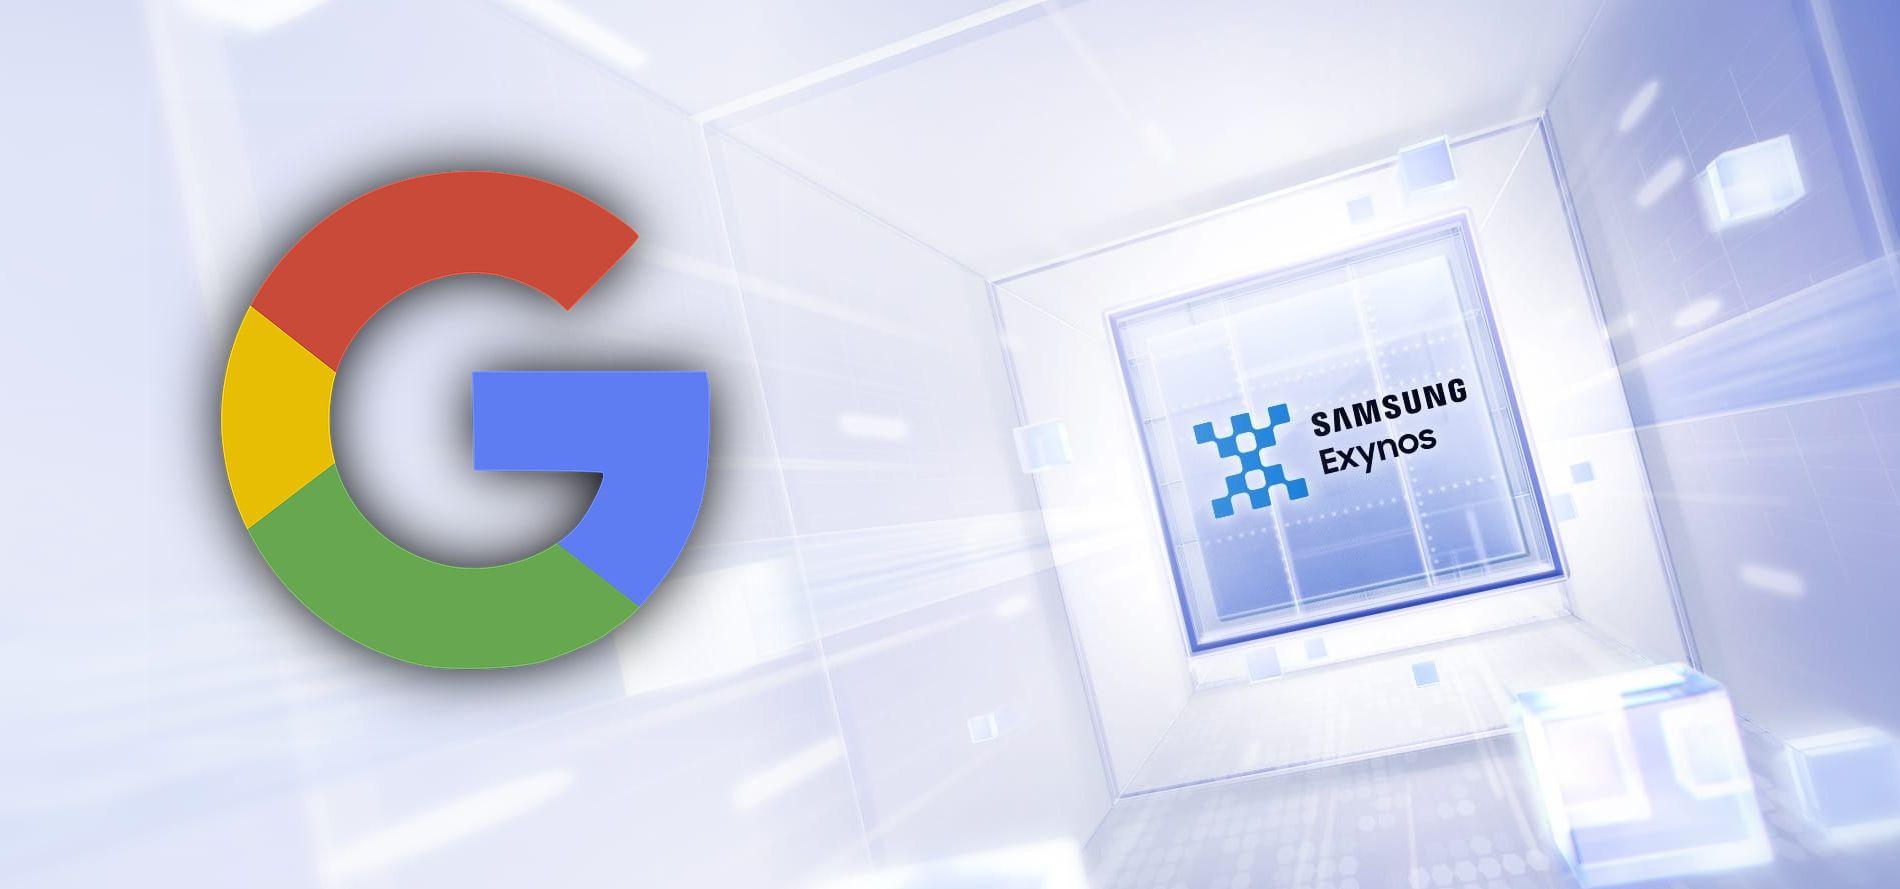 Samsung tworzy ekskluzywny procesor Exynos dla Google